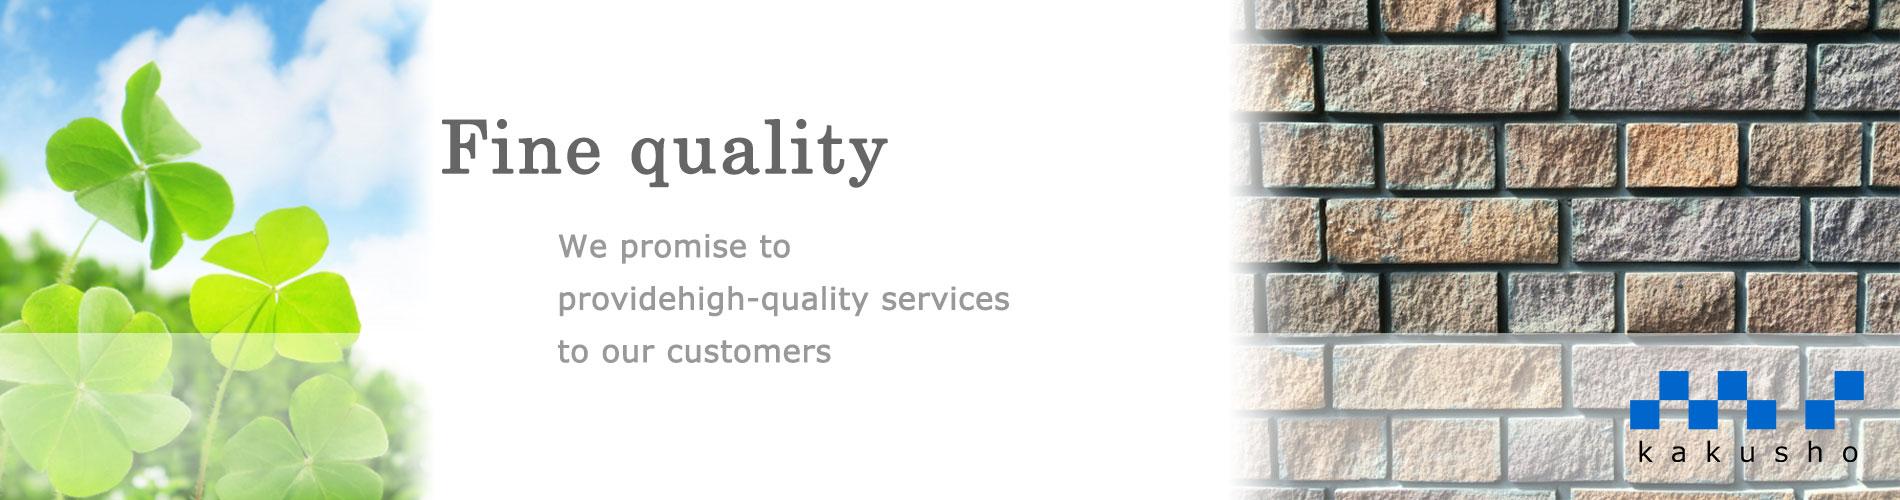 角所タイルは高品質なサービスをお約束いたします。